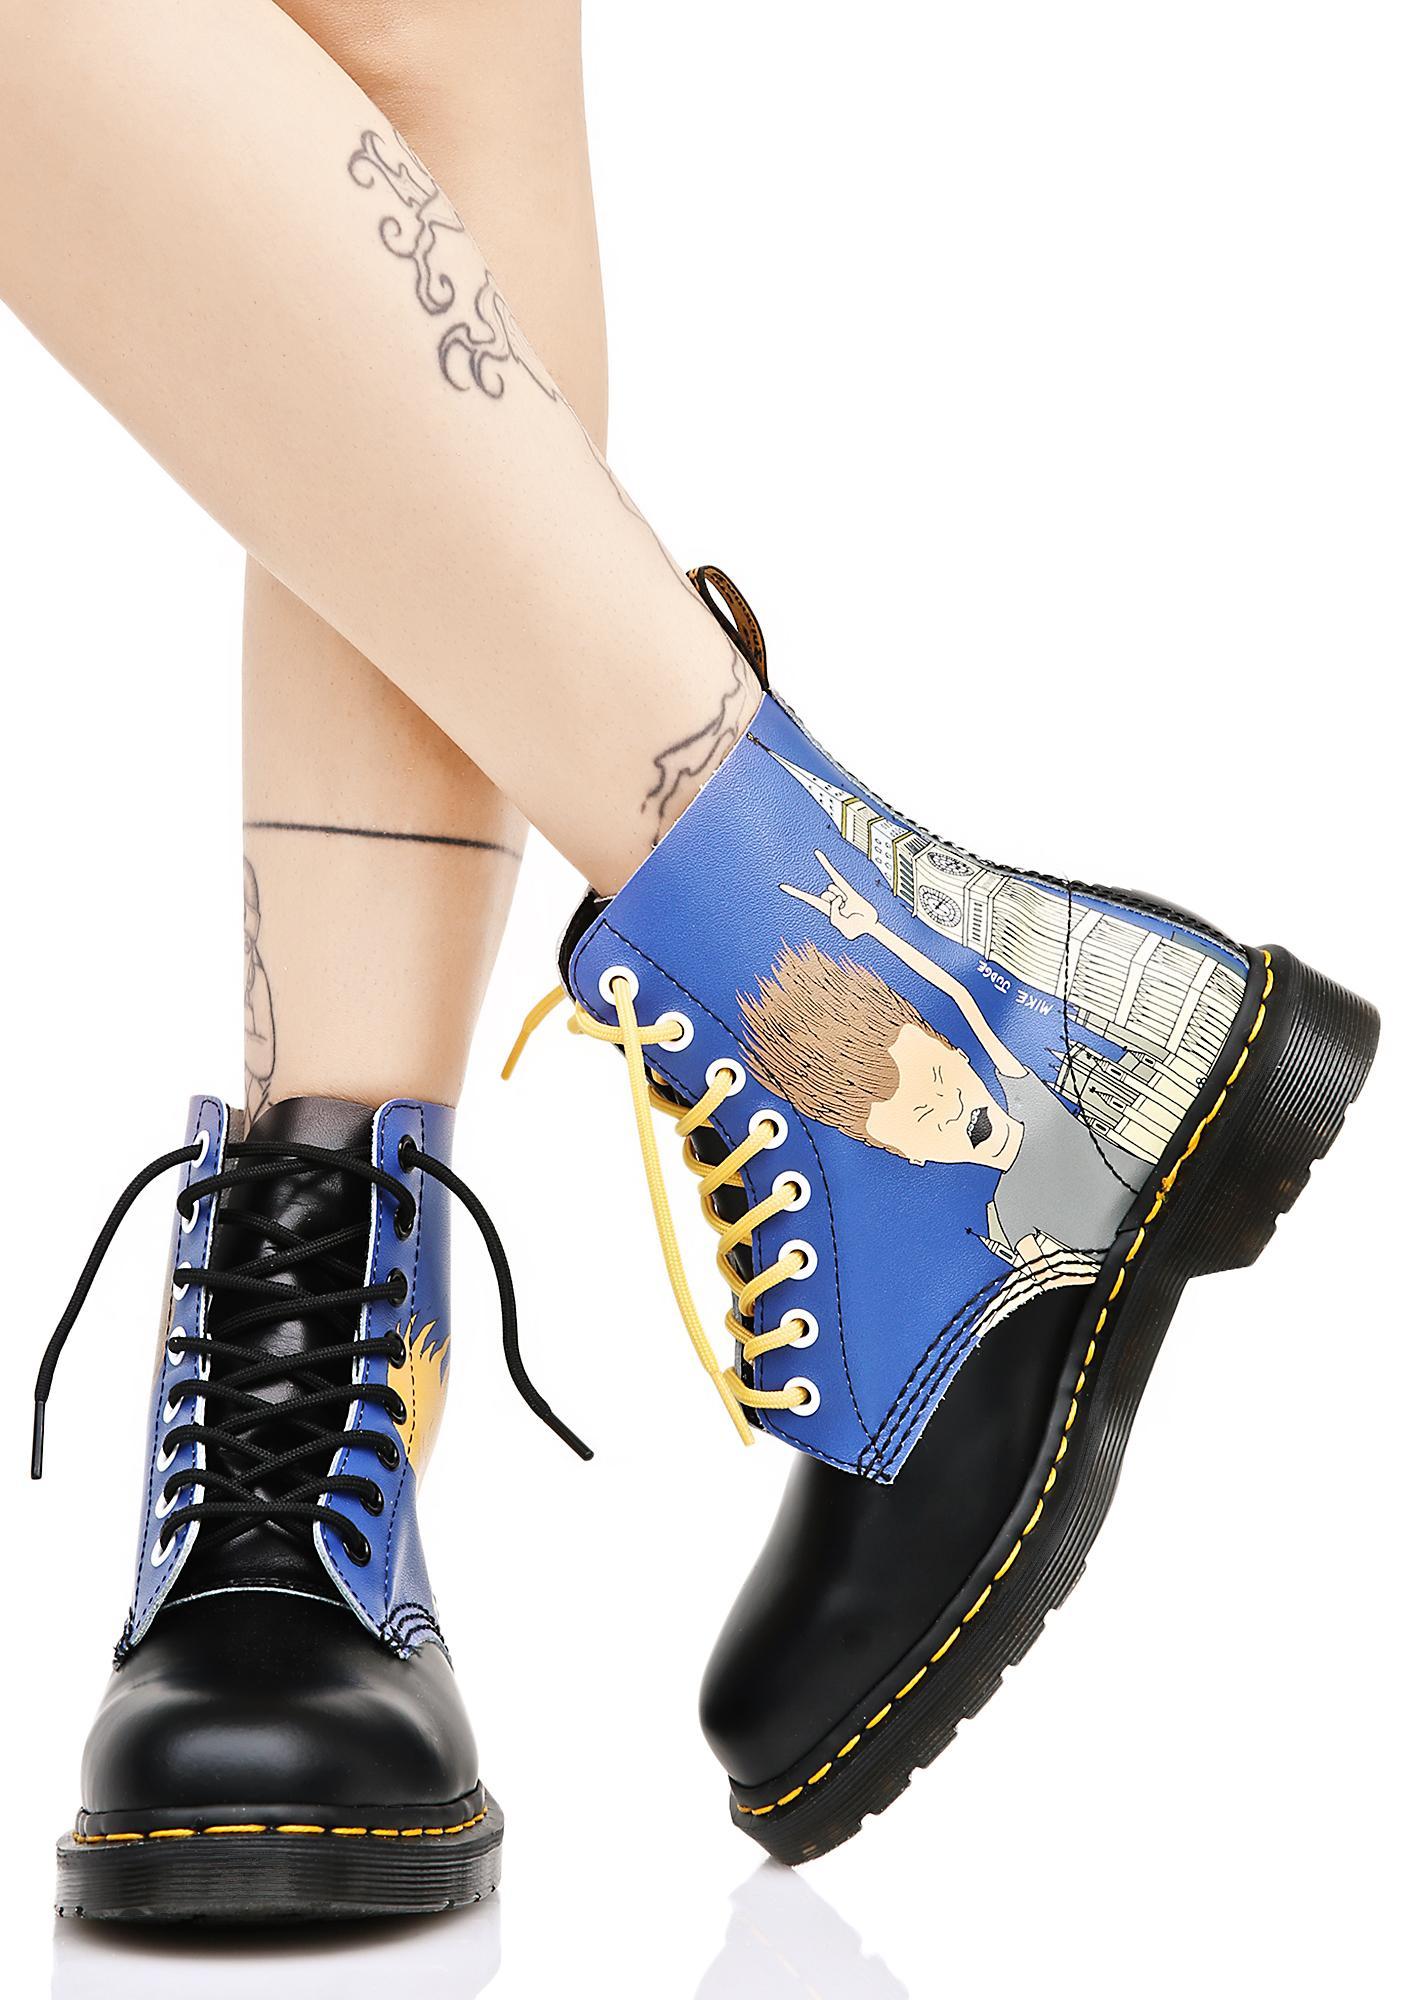 Dr. Martens Beavis & Butthead Pascal 8 Eye Boots